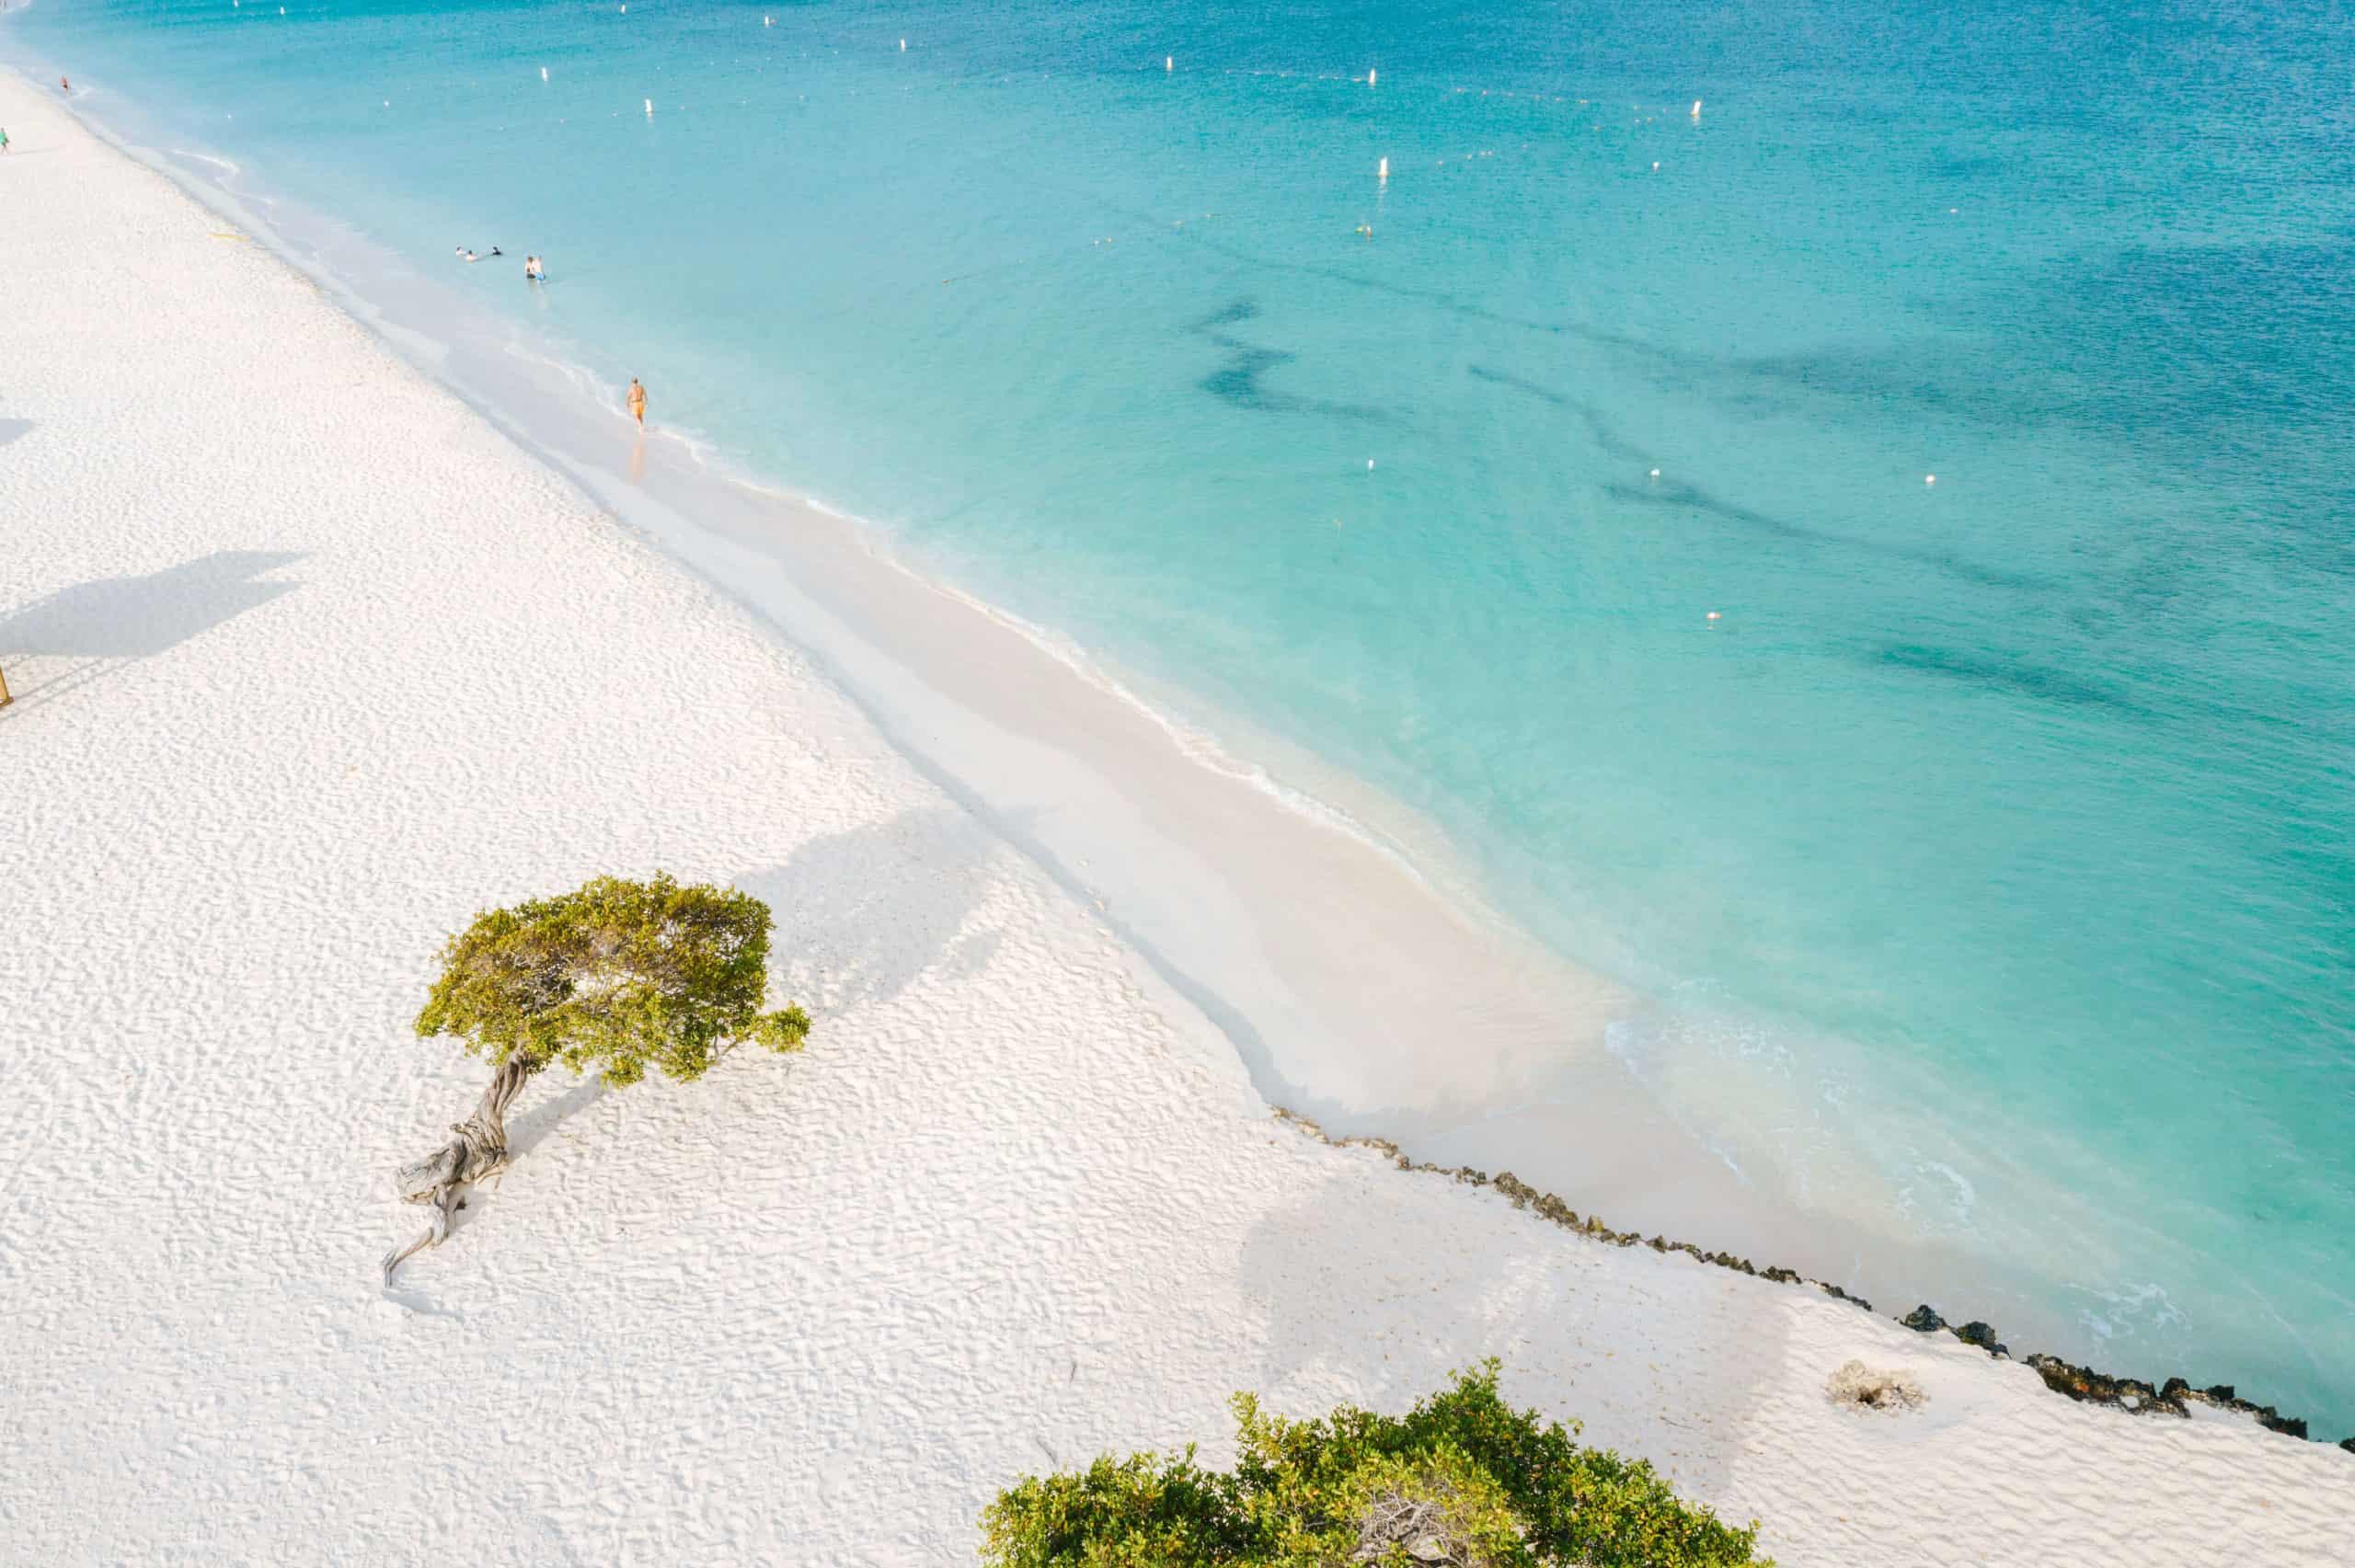 Aruba presenta protocolos de salud y seguridad para viajeros tras el anuncio de reapertura para turistas de América Latina 1 (1)